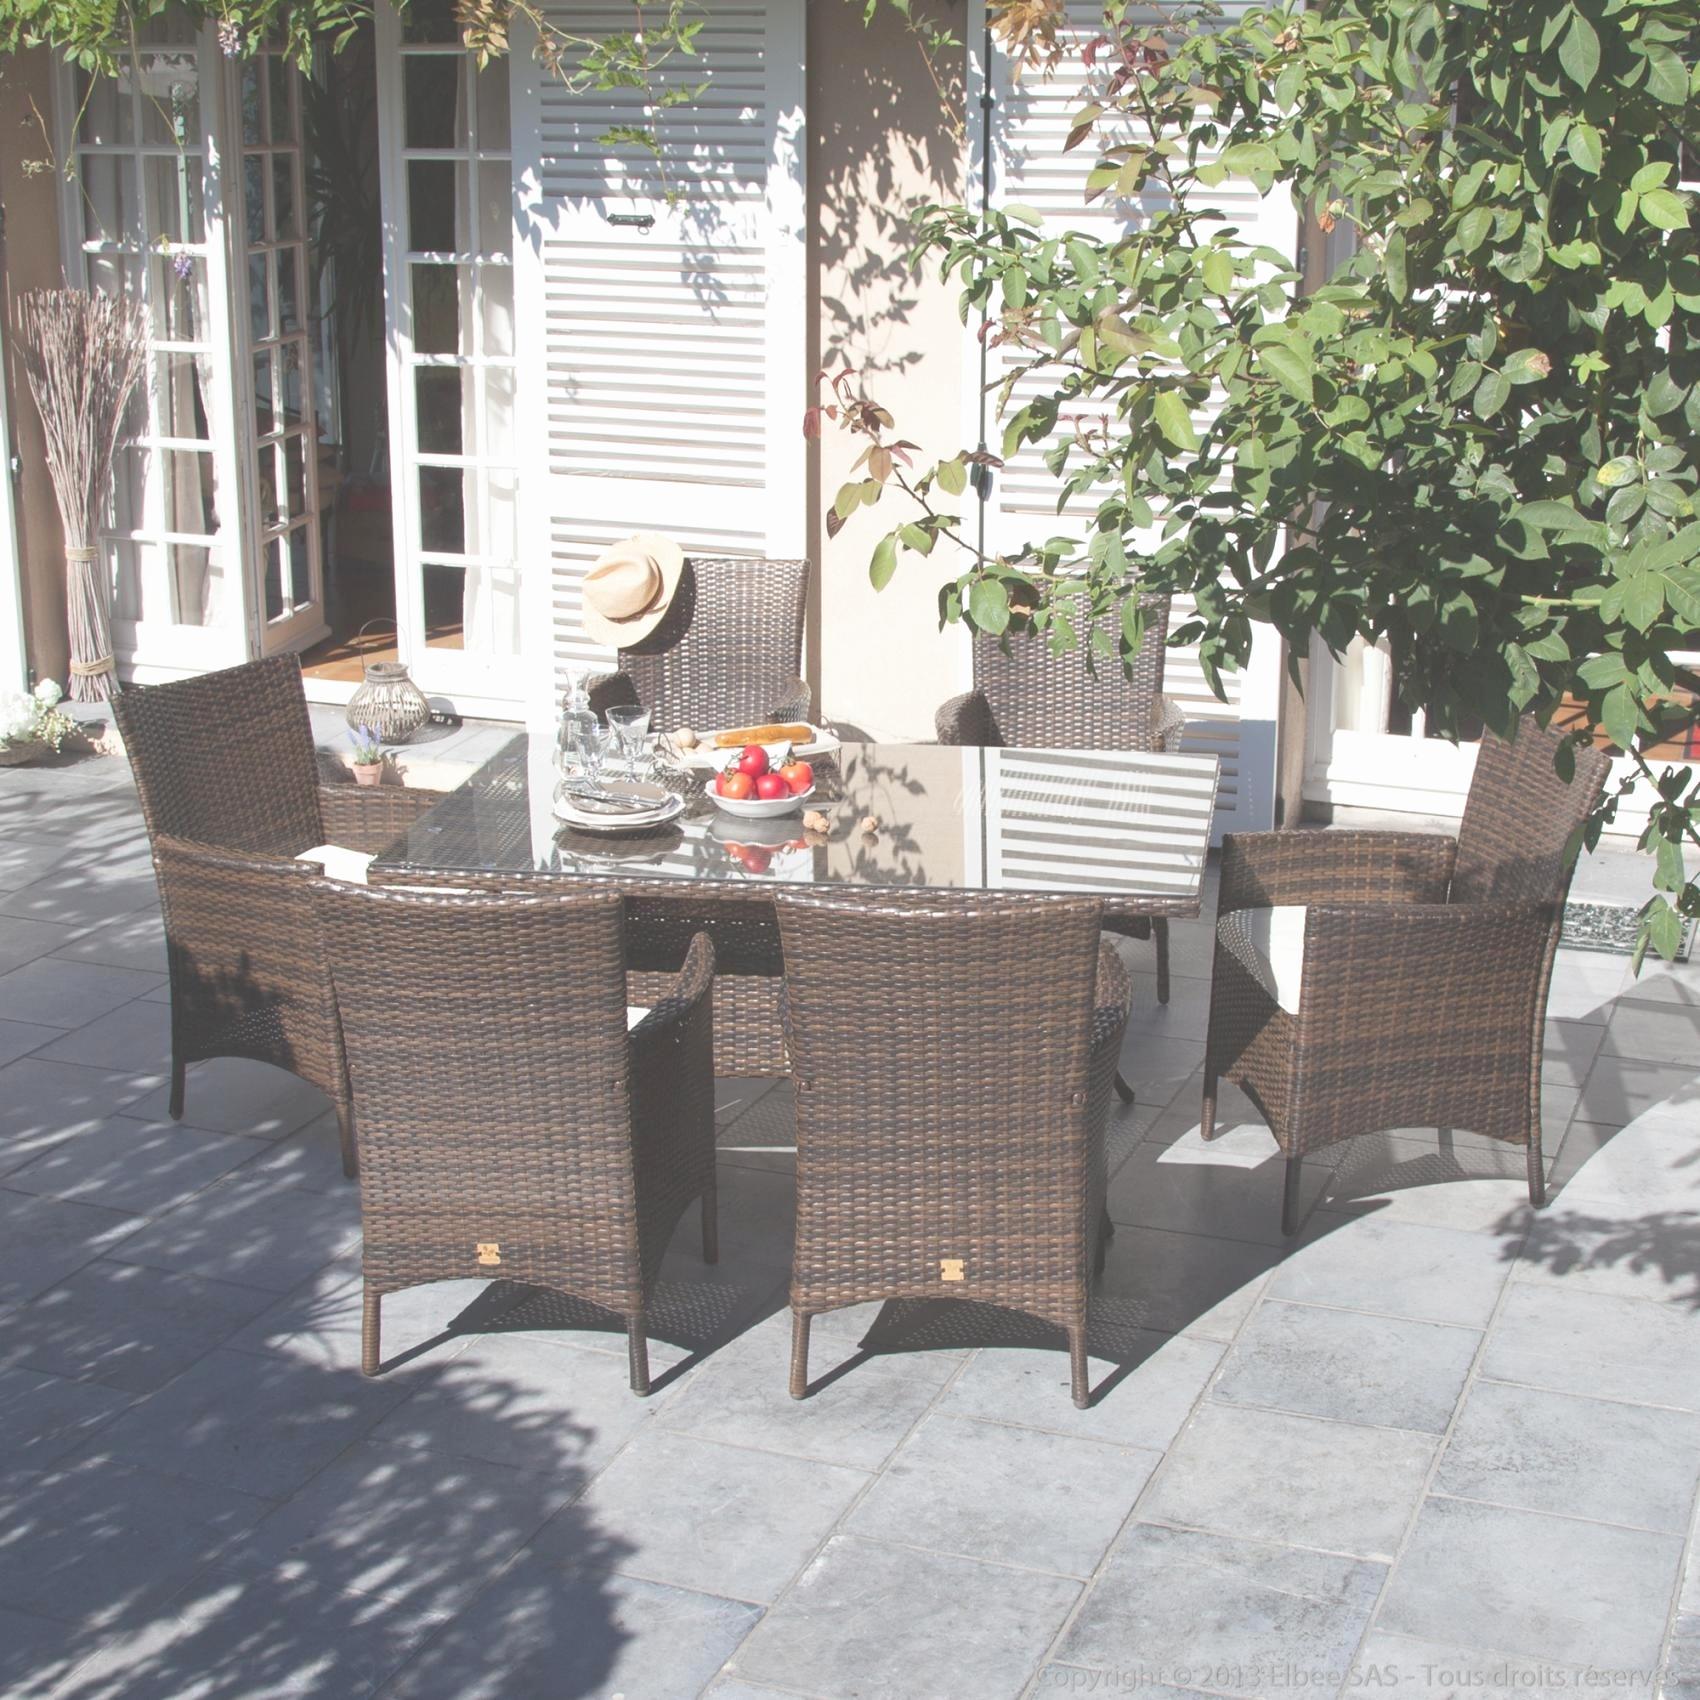 Le Bon Coin Salon De Jardin Fer forge Luxe Galerie Table Et Chaise En Fer forgé Nouveau Fantastiqué Chaise De Salon De